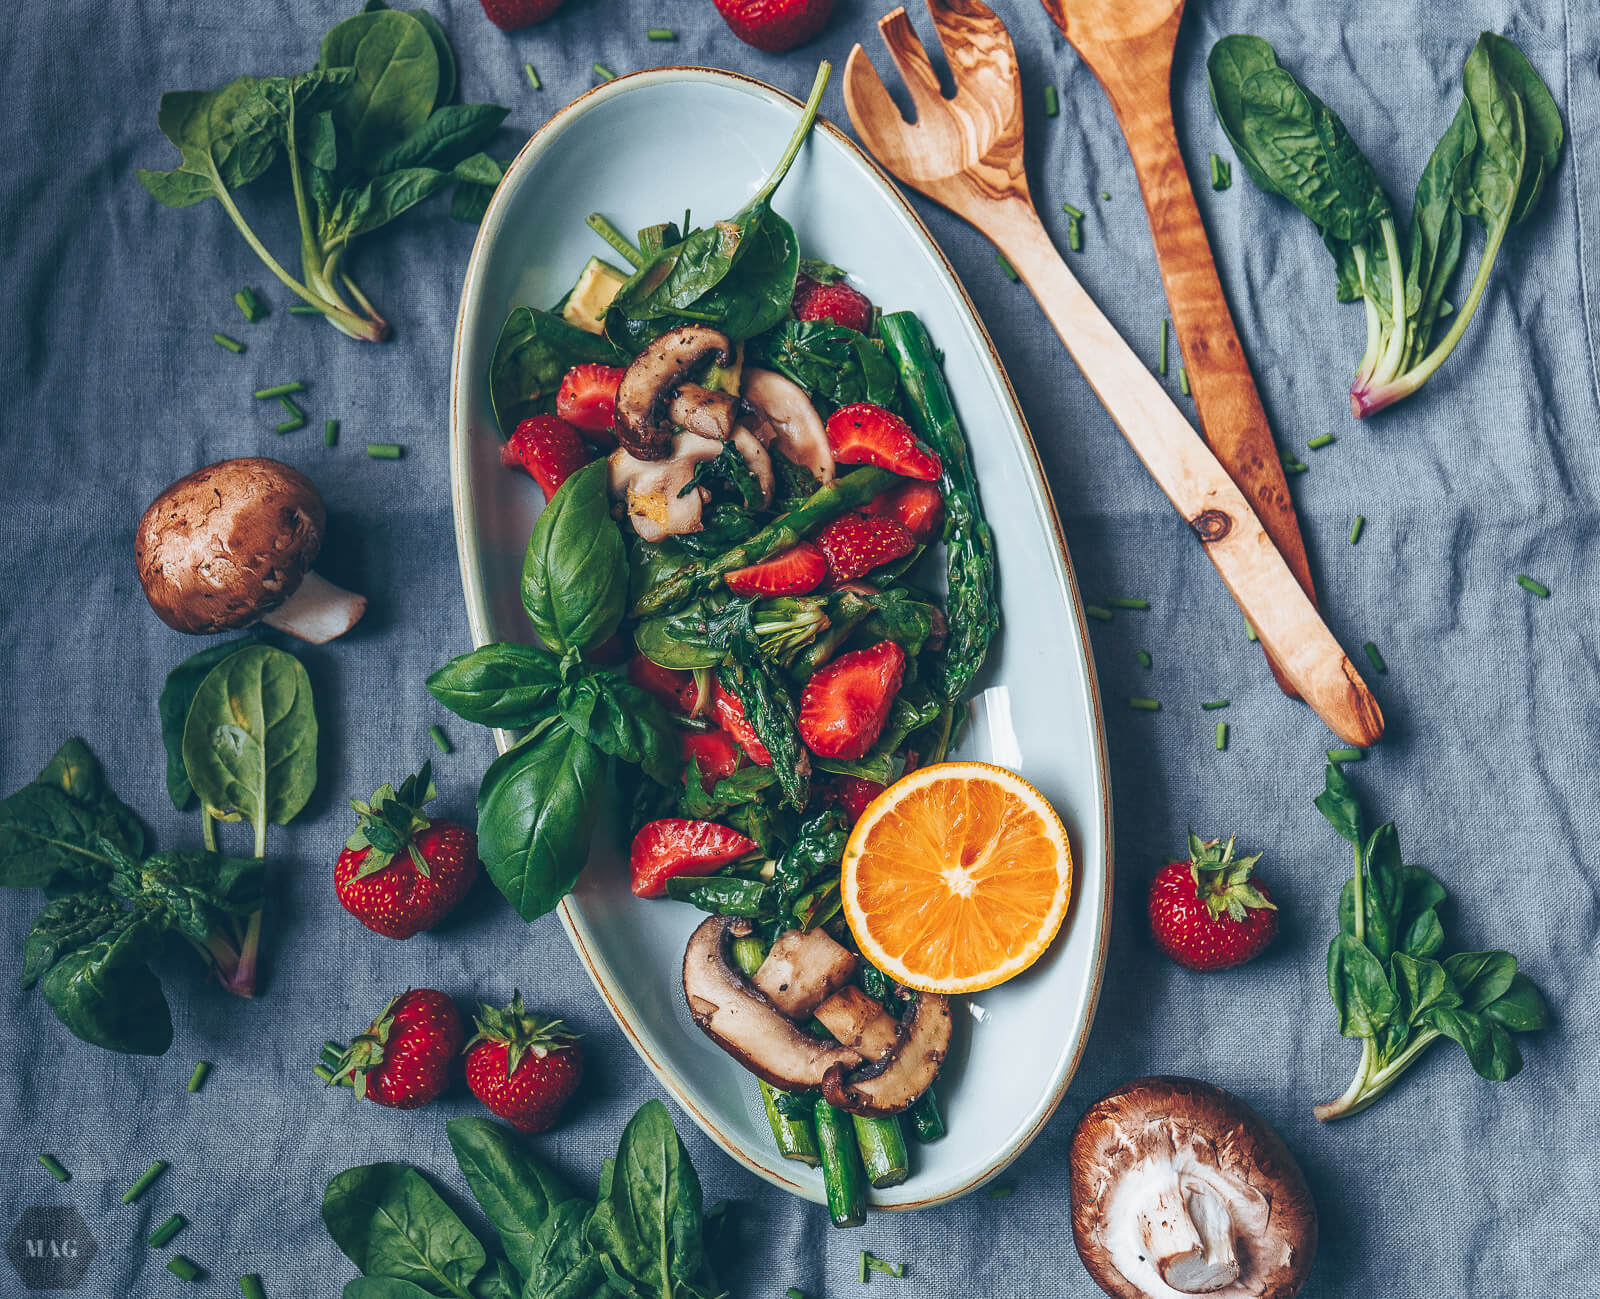 erdbeer-spargel-salat, Erdbeer Salat, Salat mit Erdbeeren, Spargel Erdbeeren Salat, Salat mit Avocado, Erdbeeren Spargel Salat, Frühlings Salat vegan, Salat vegan Erdbeeren Spargel